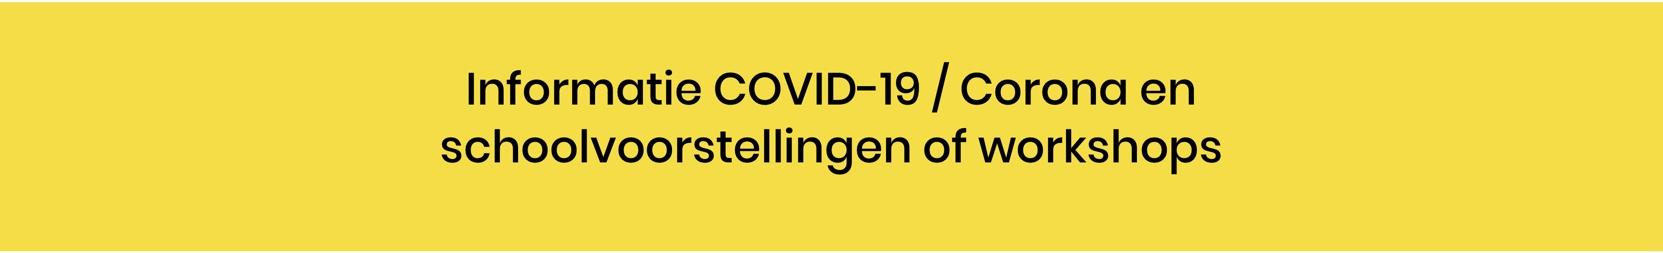 Informatie_COVID-19_Corona_en_schoolvoorstellingen_workshops_theatereducatie